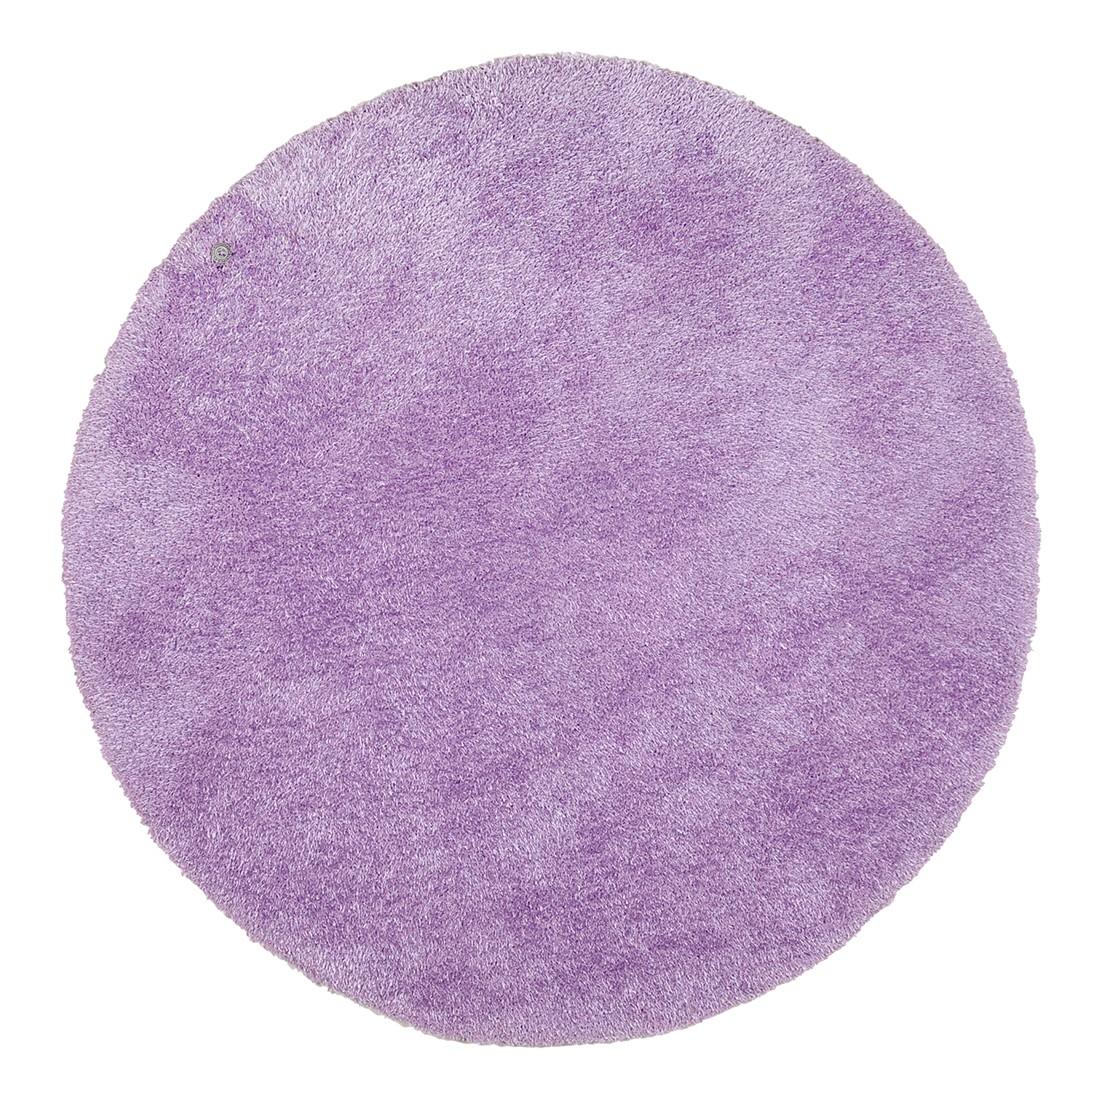 Teppich Soft Round - Hell Violett - Maße: 140 x 140 cm, Tom Tailor